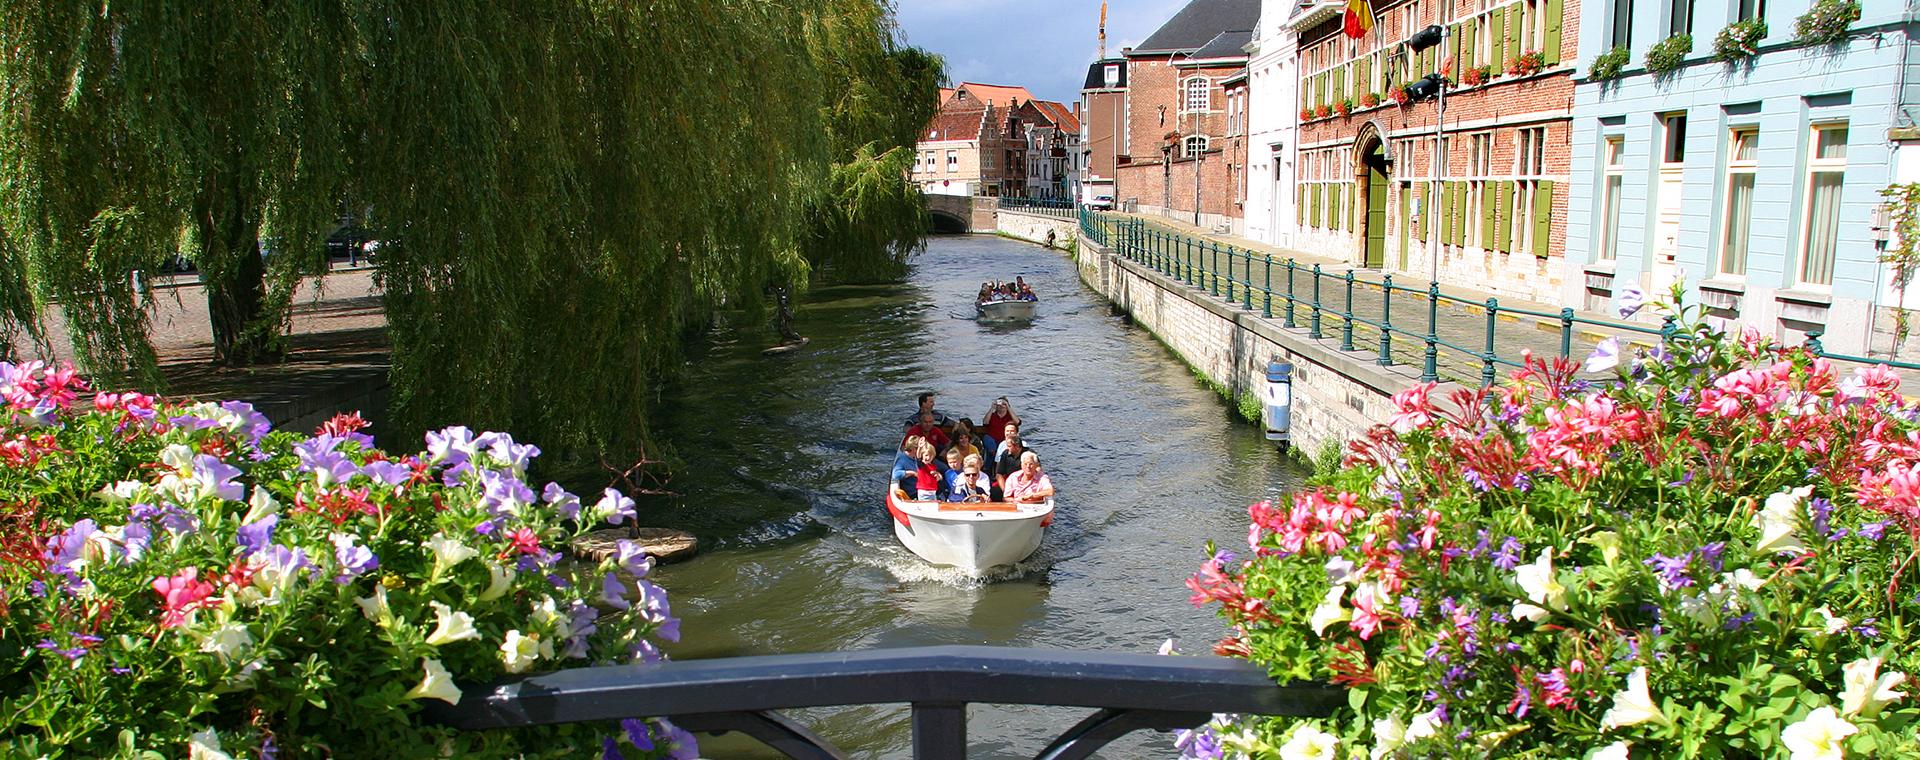 Image Les Flandres de Bruxelles à Bruges